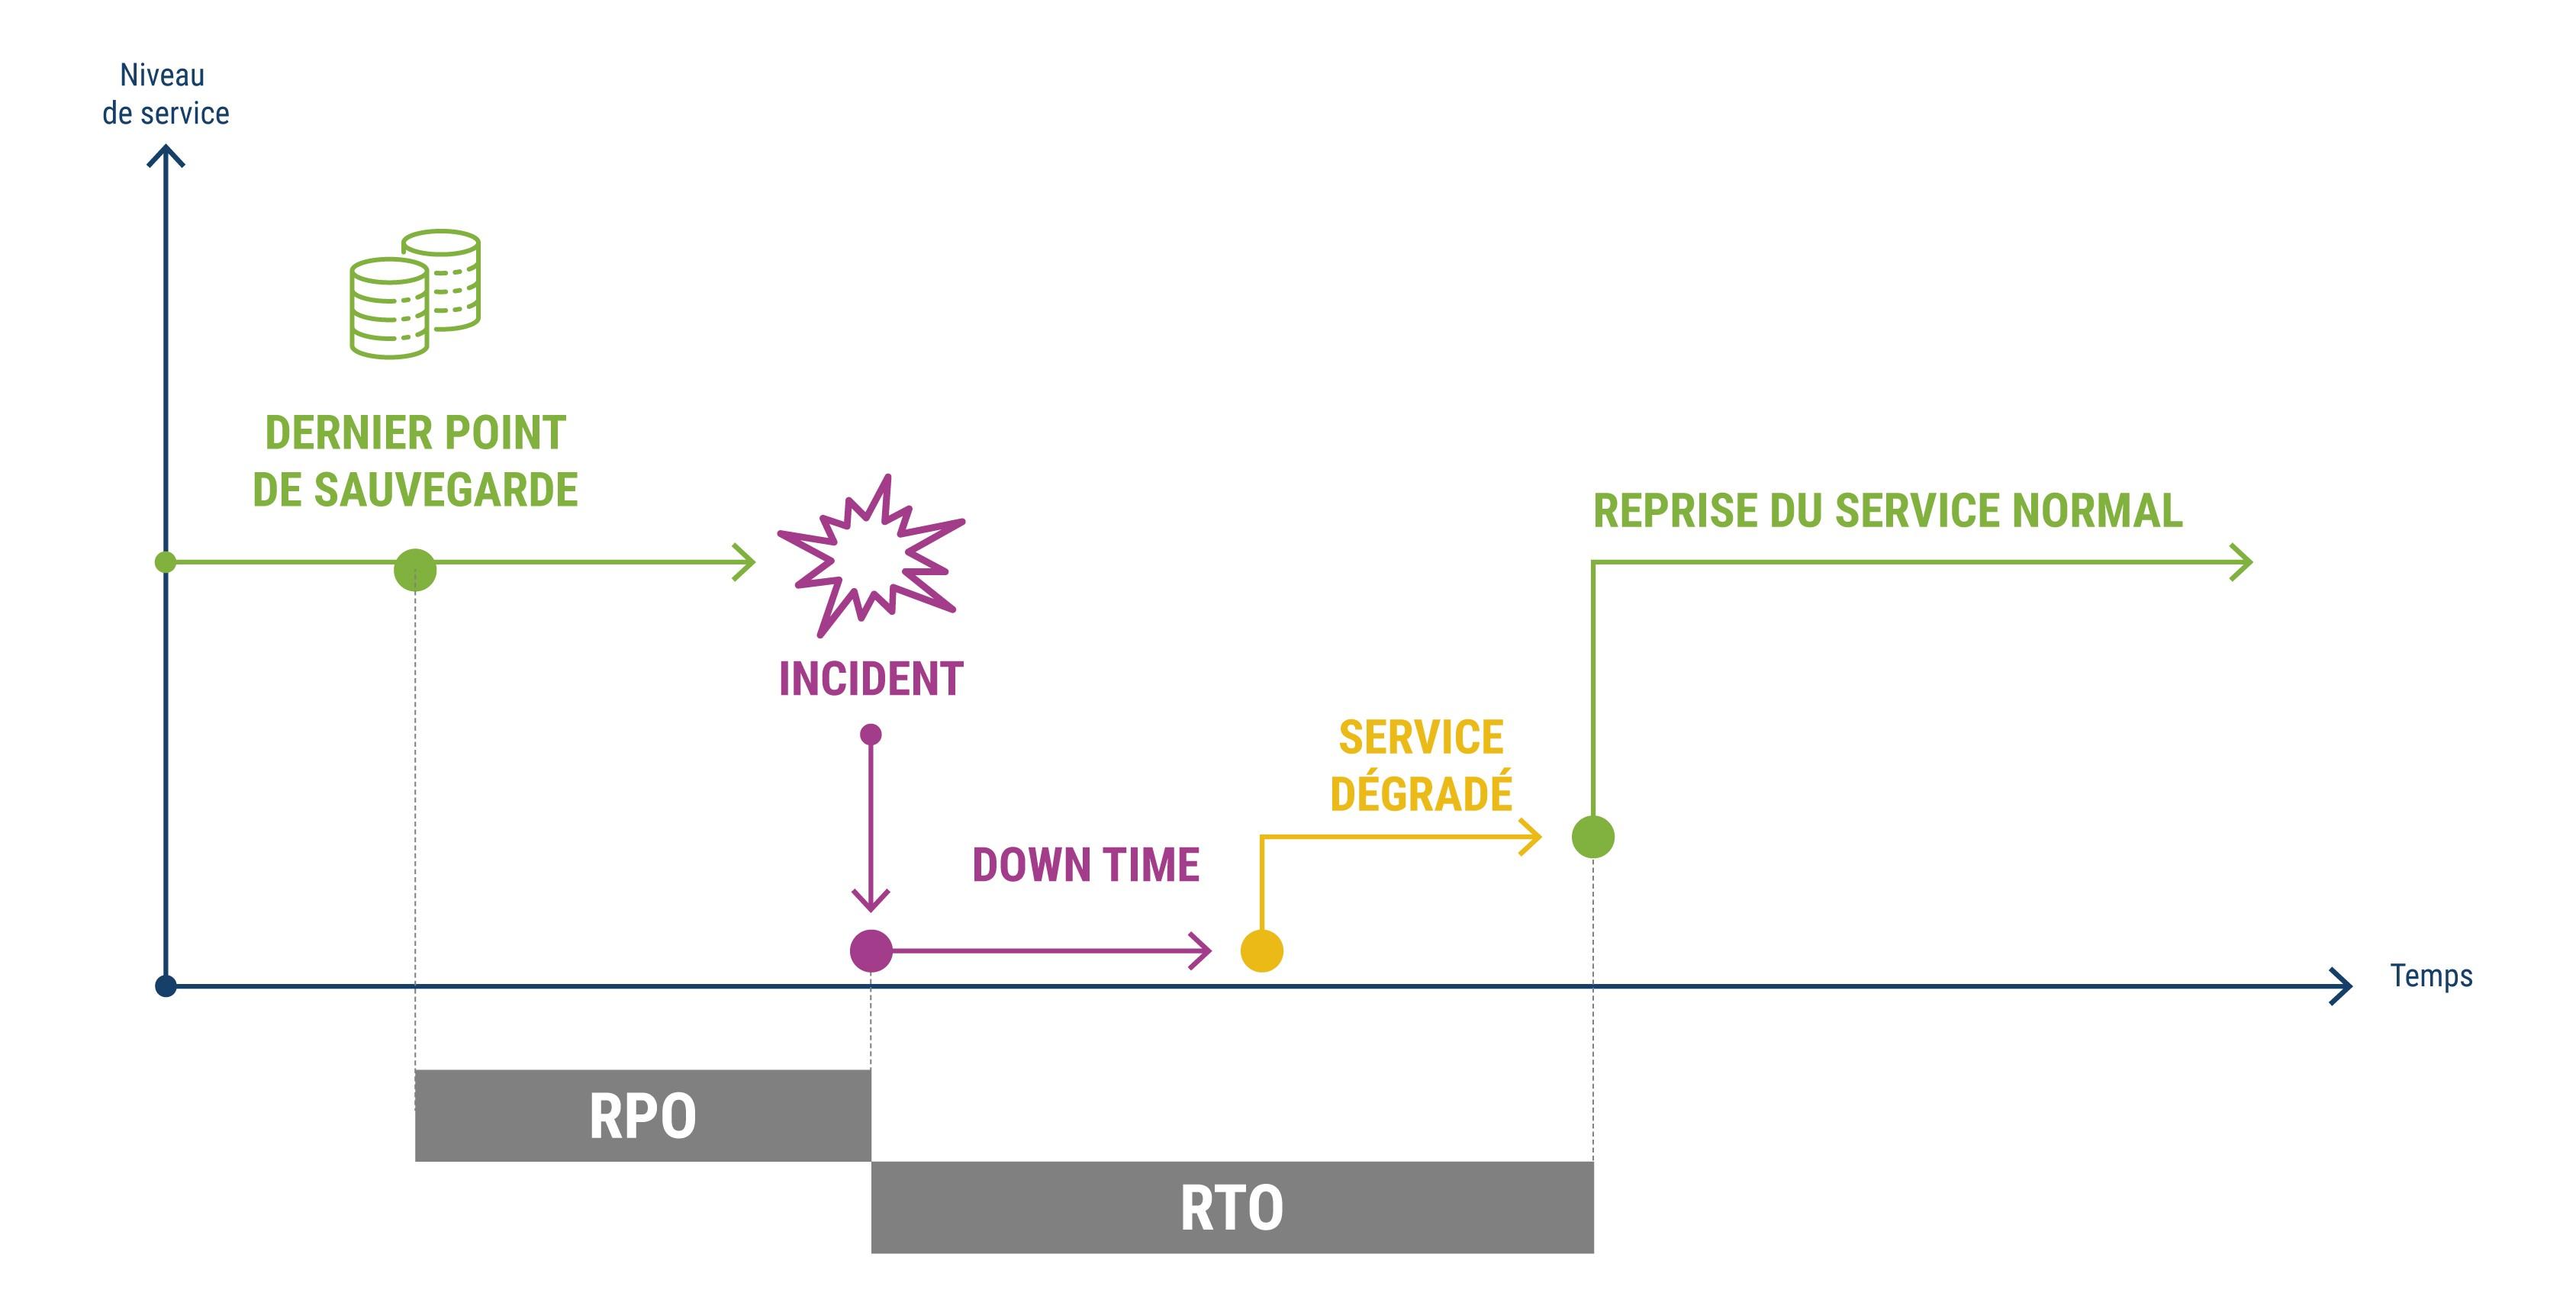 plan de reprise d'activité : RPO et RTO